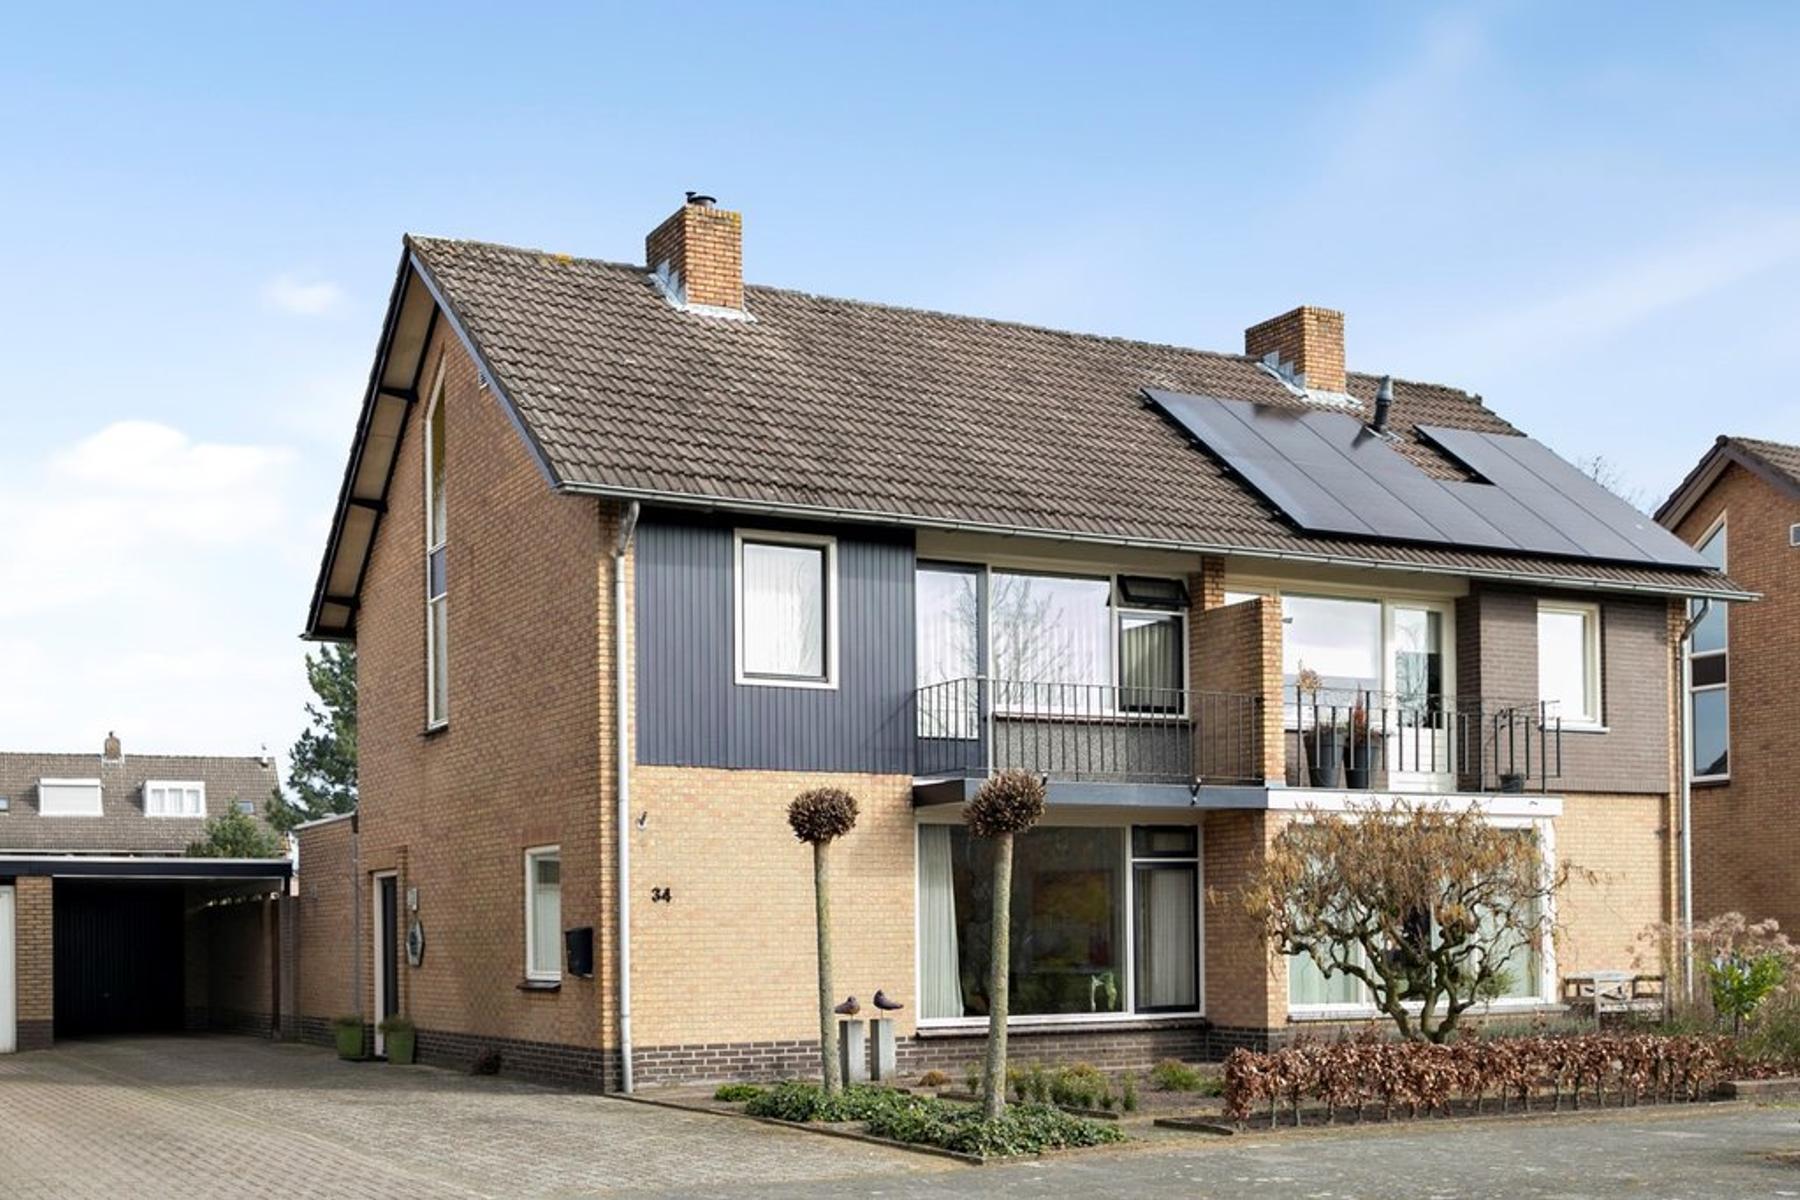 Hyacinthlaan 34 in Valkenswaard 5551 AT